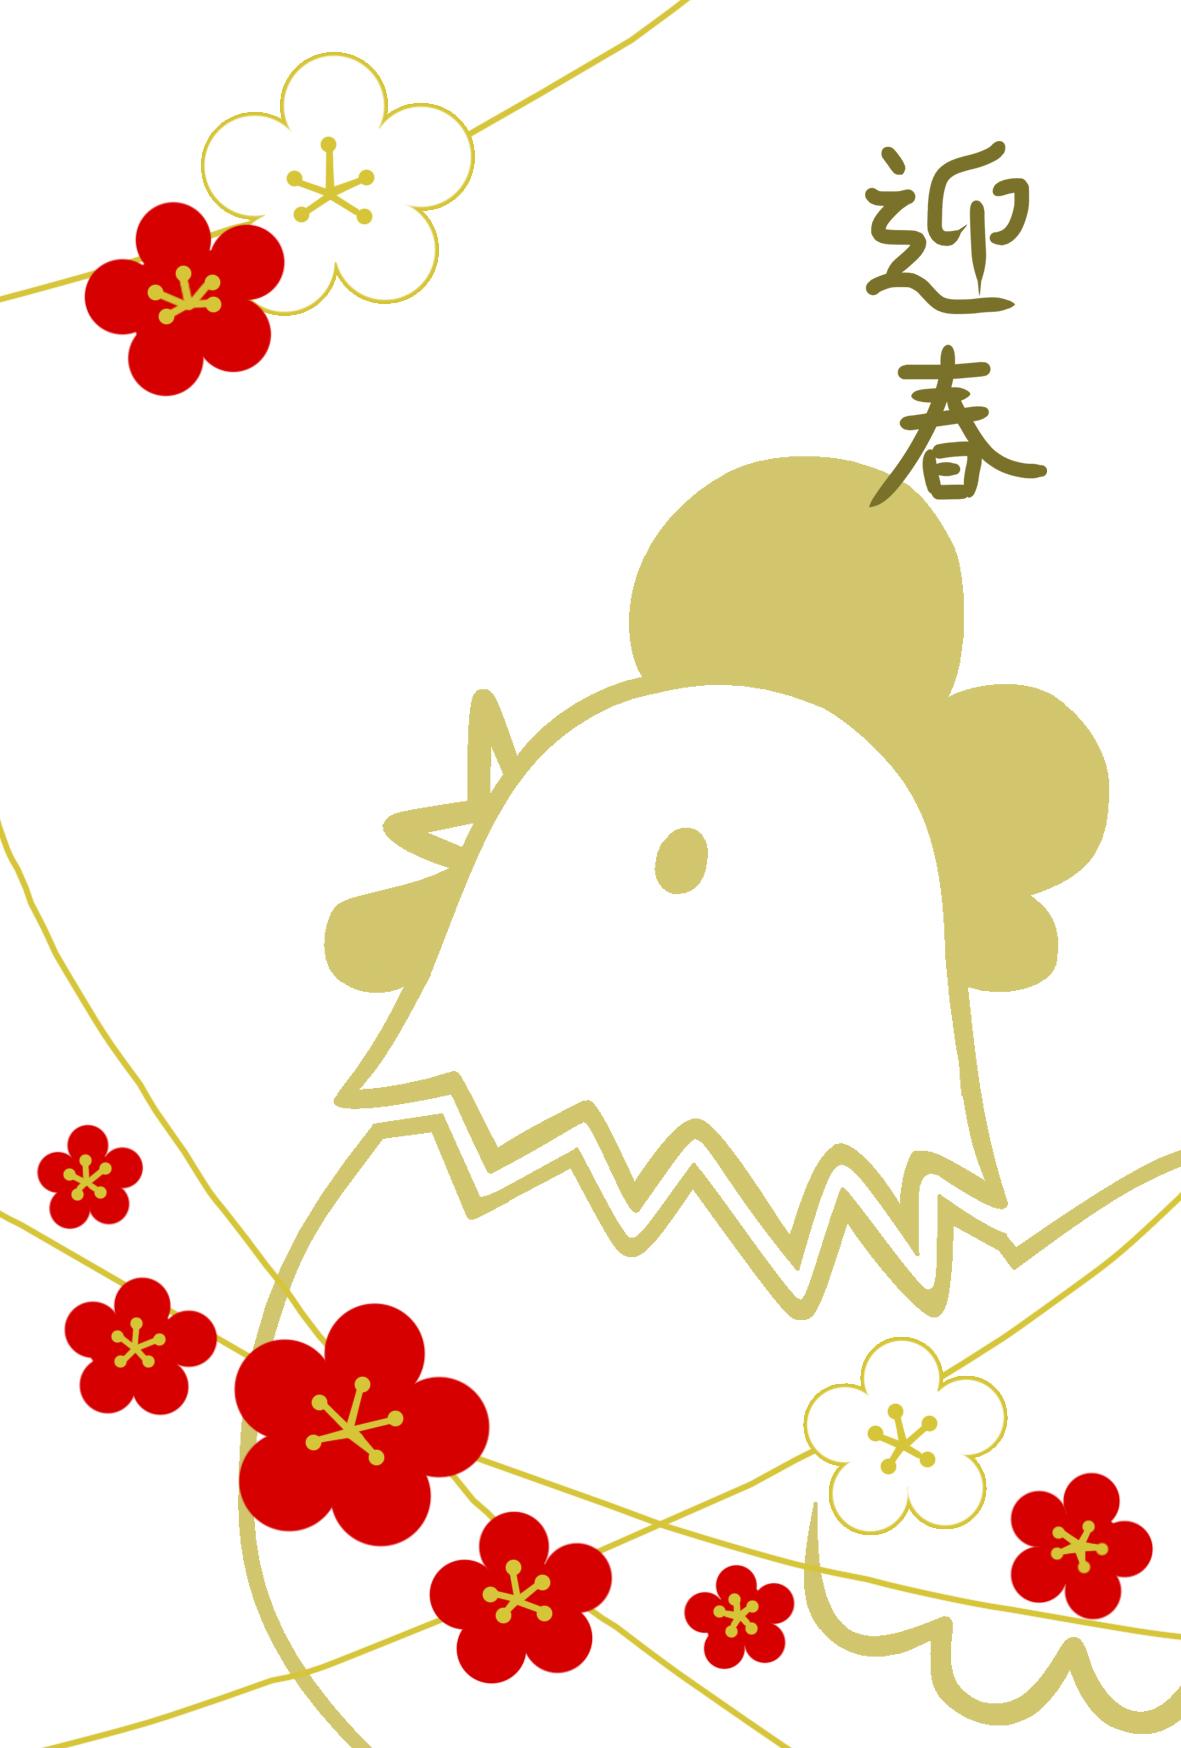 シンプル無料イラスト酉年年賀状 金×赤 鶏と梅花